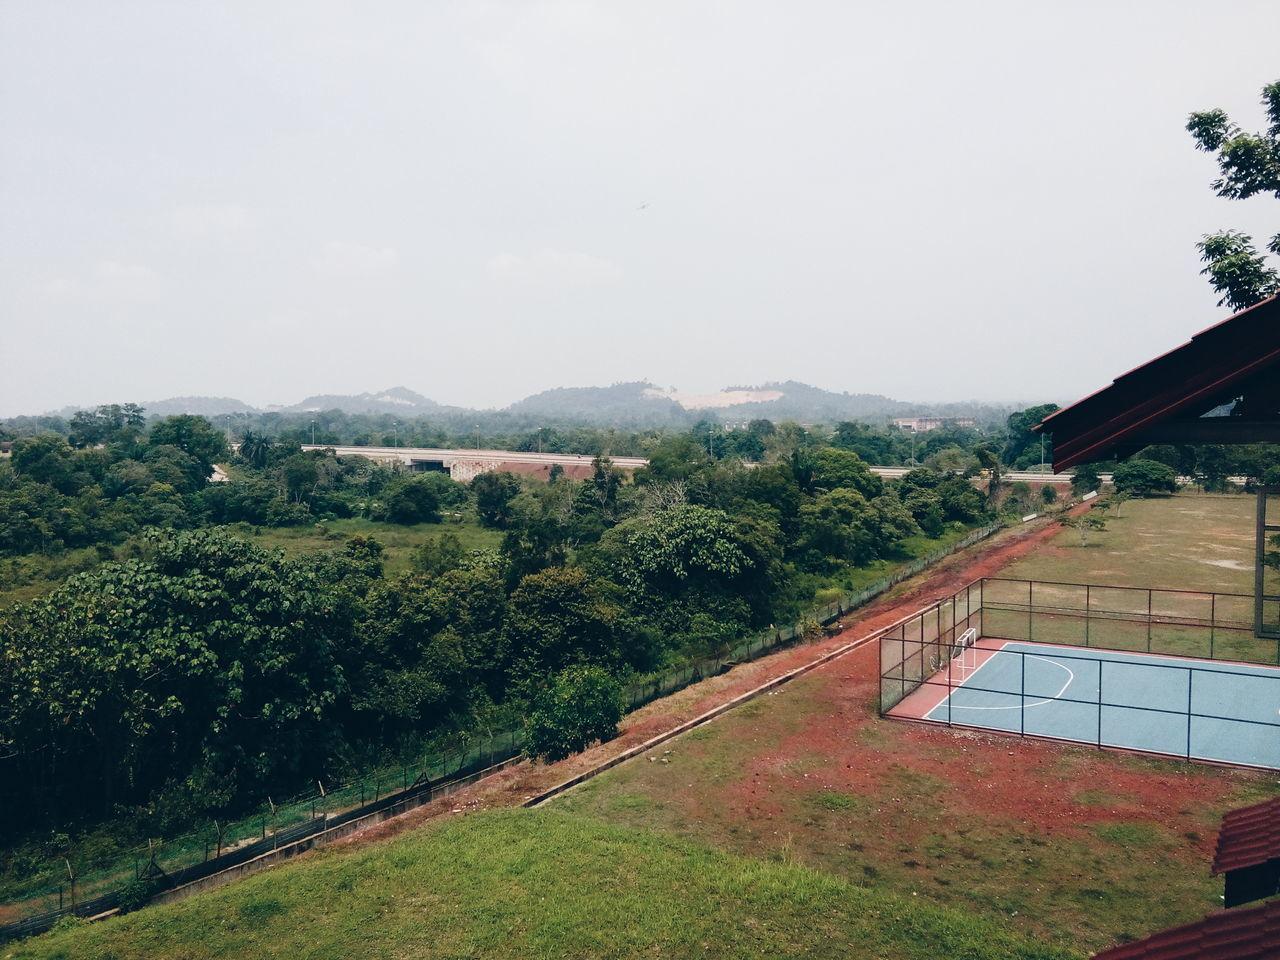 College Life Pahang, Malaysia